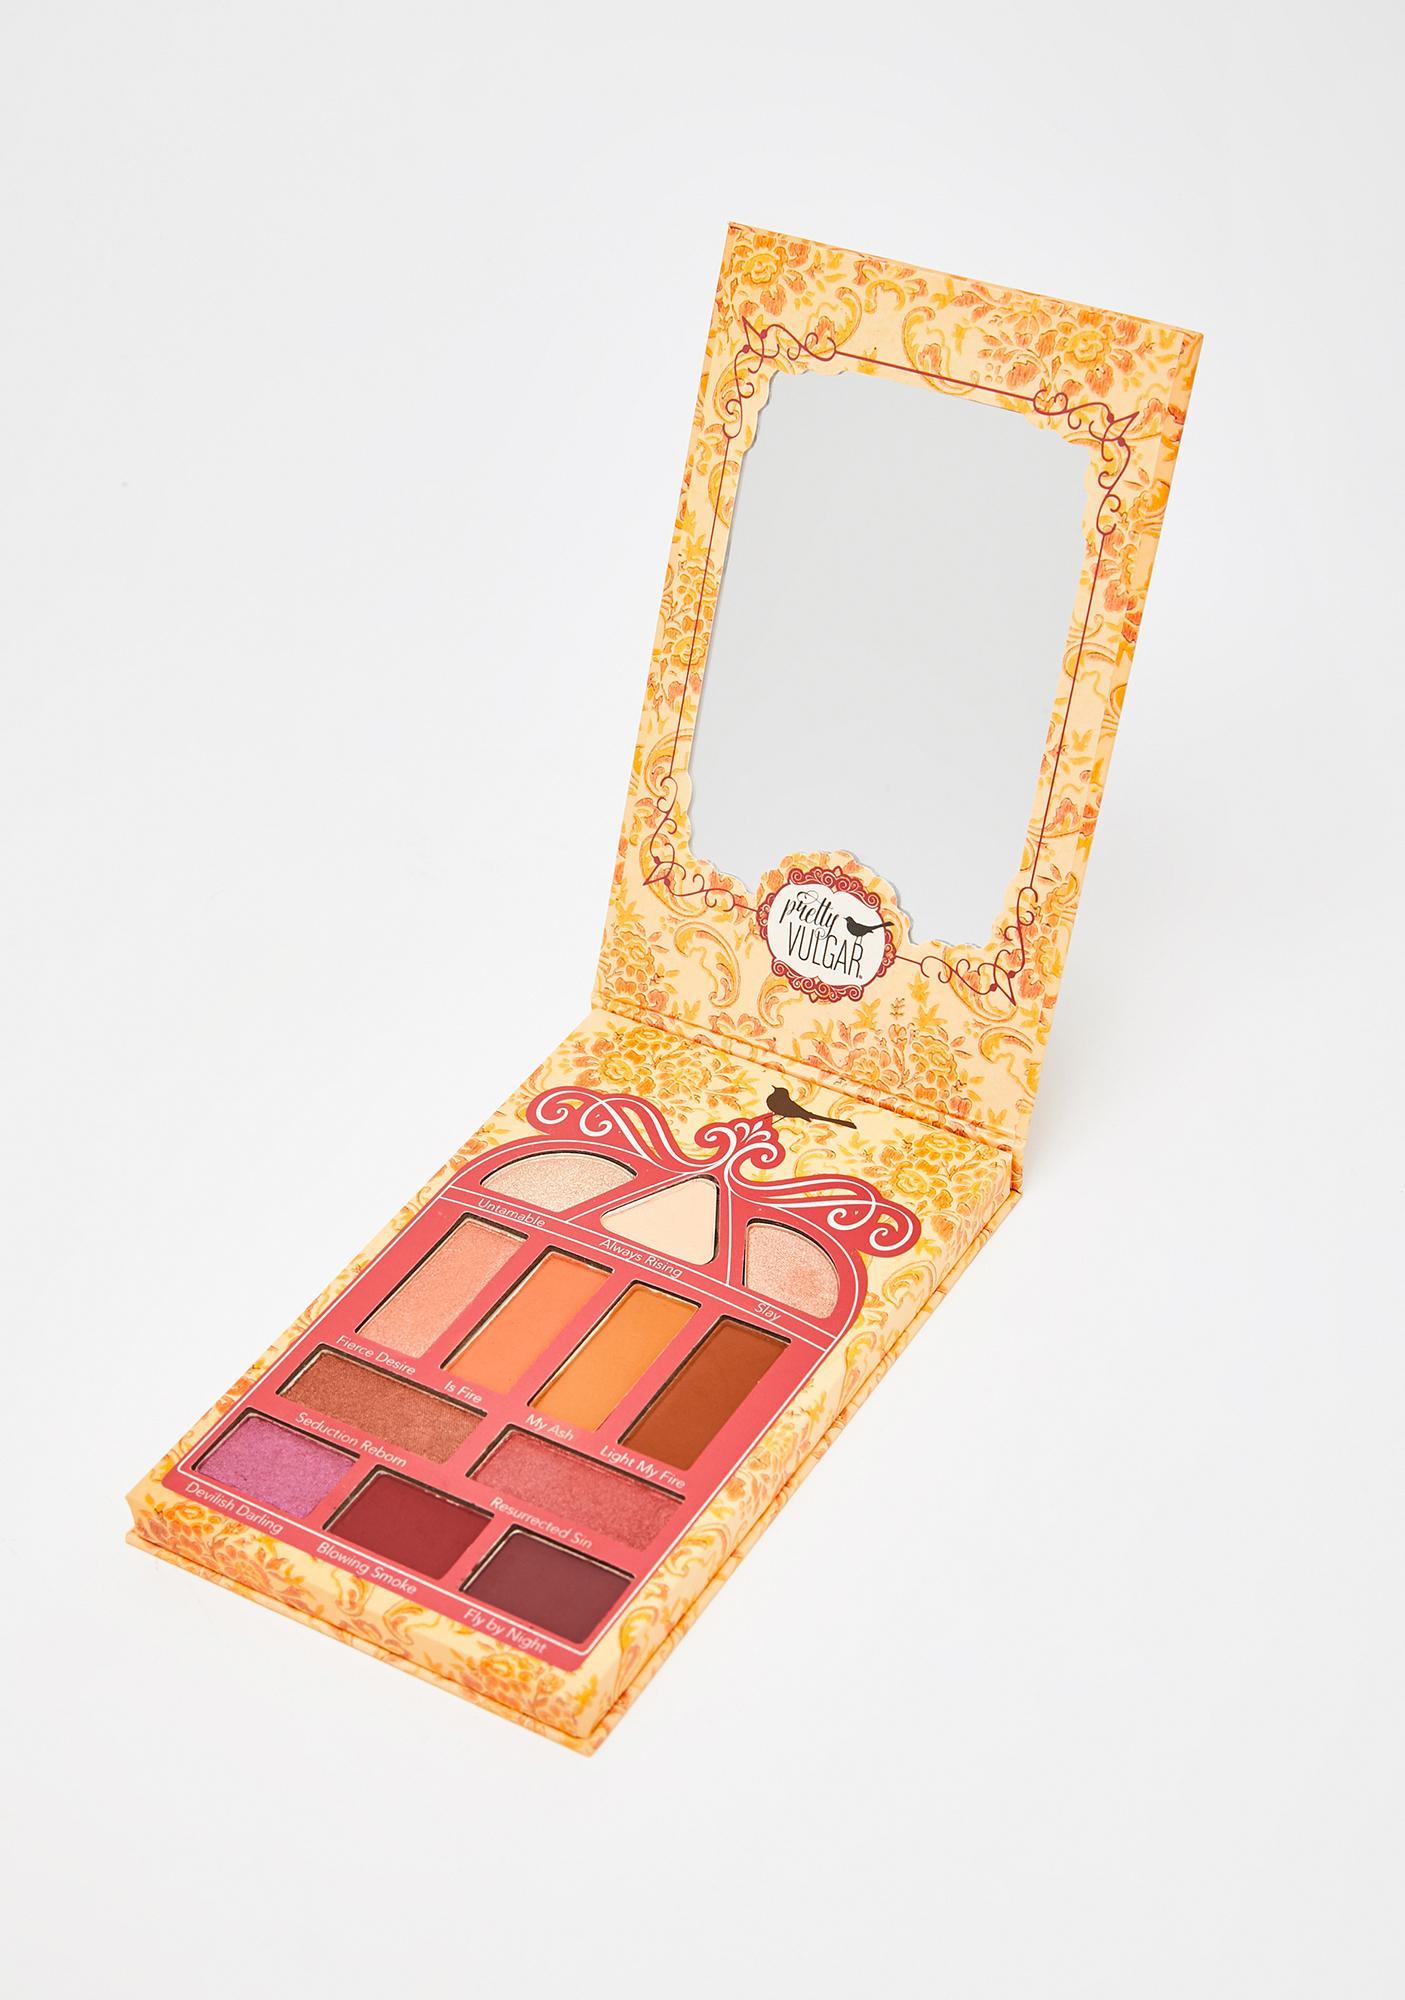 Pretty Vulgar Cosmetics Phoenix Rising Eyeshadow Palette